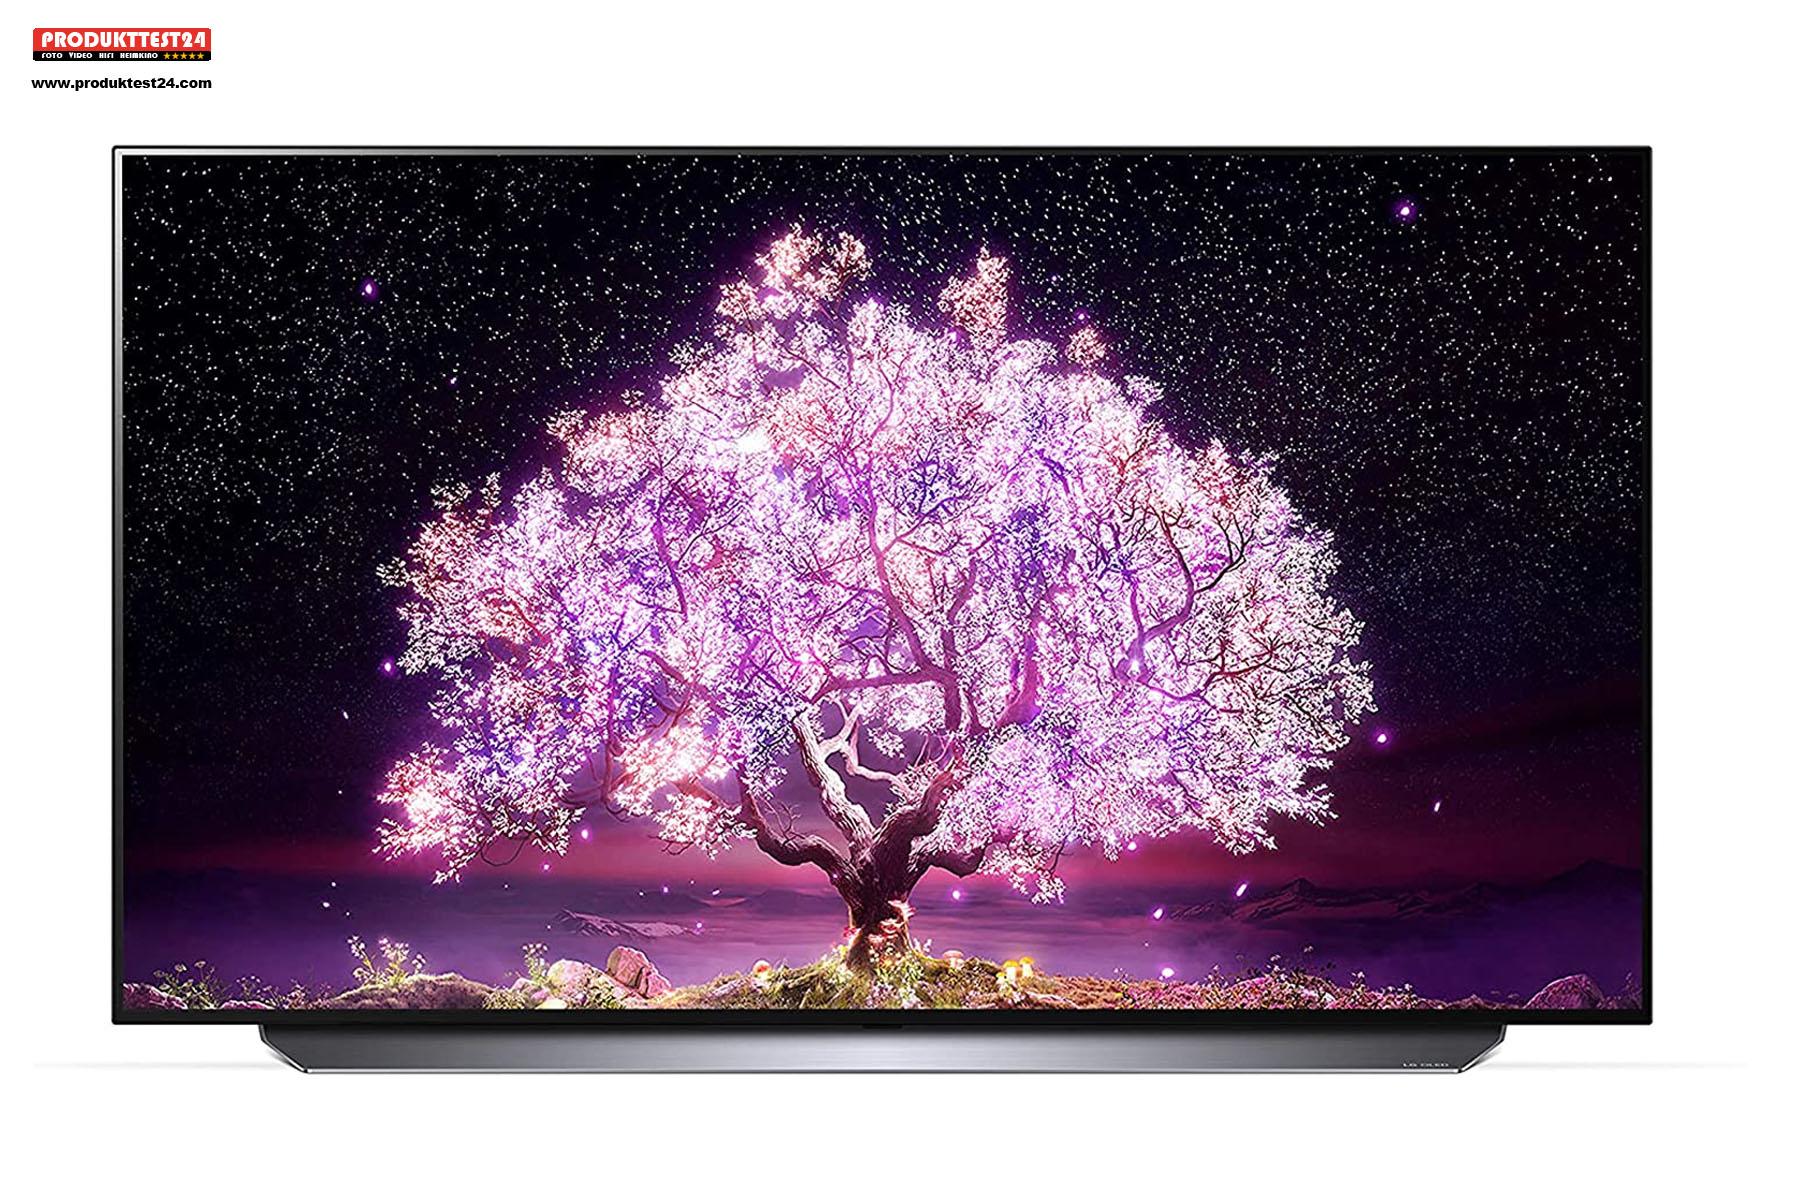 Der kleinste OLED-Fernseher mit einem 48 Zoll großem Display.